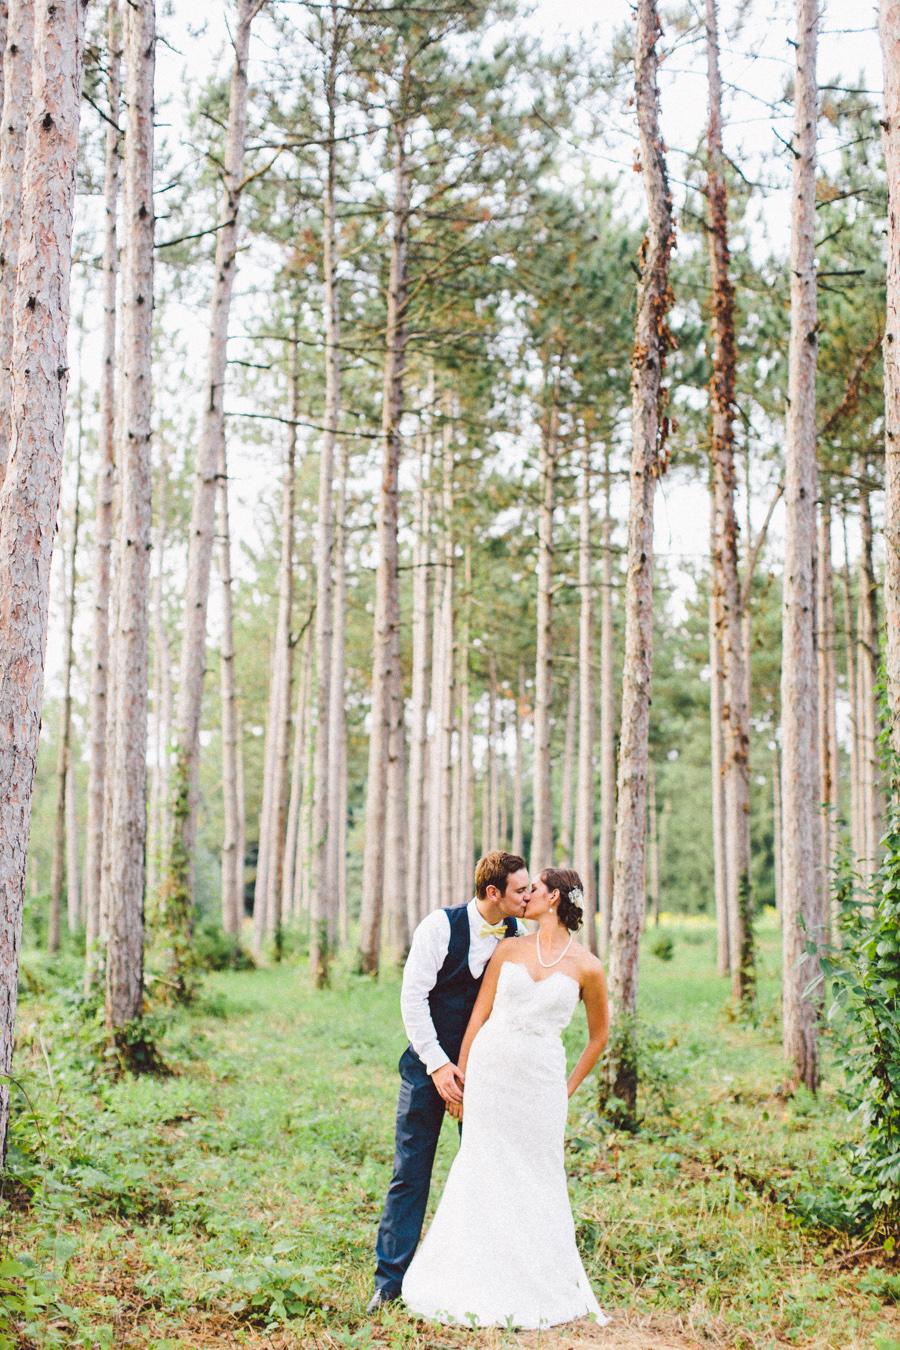 2013-Wedding-090113-Ashley-Danny-0818.jpg